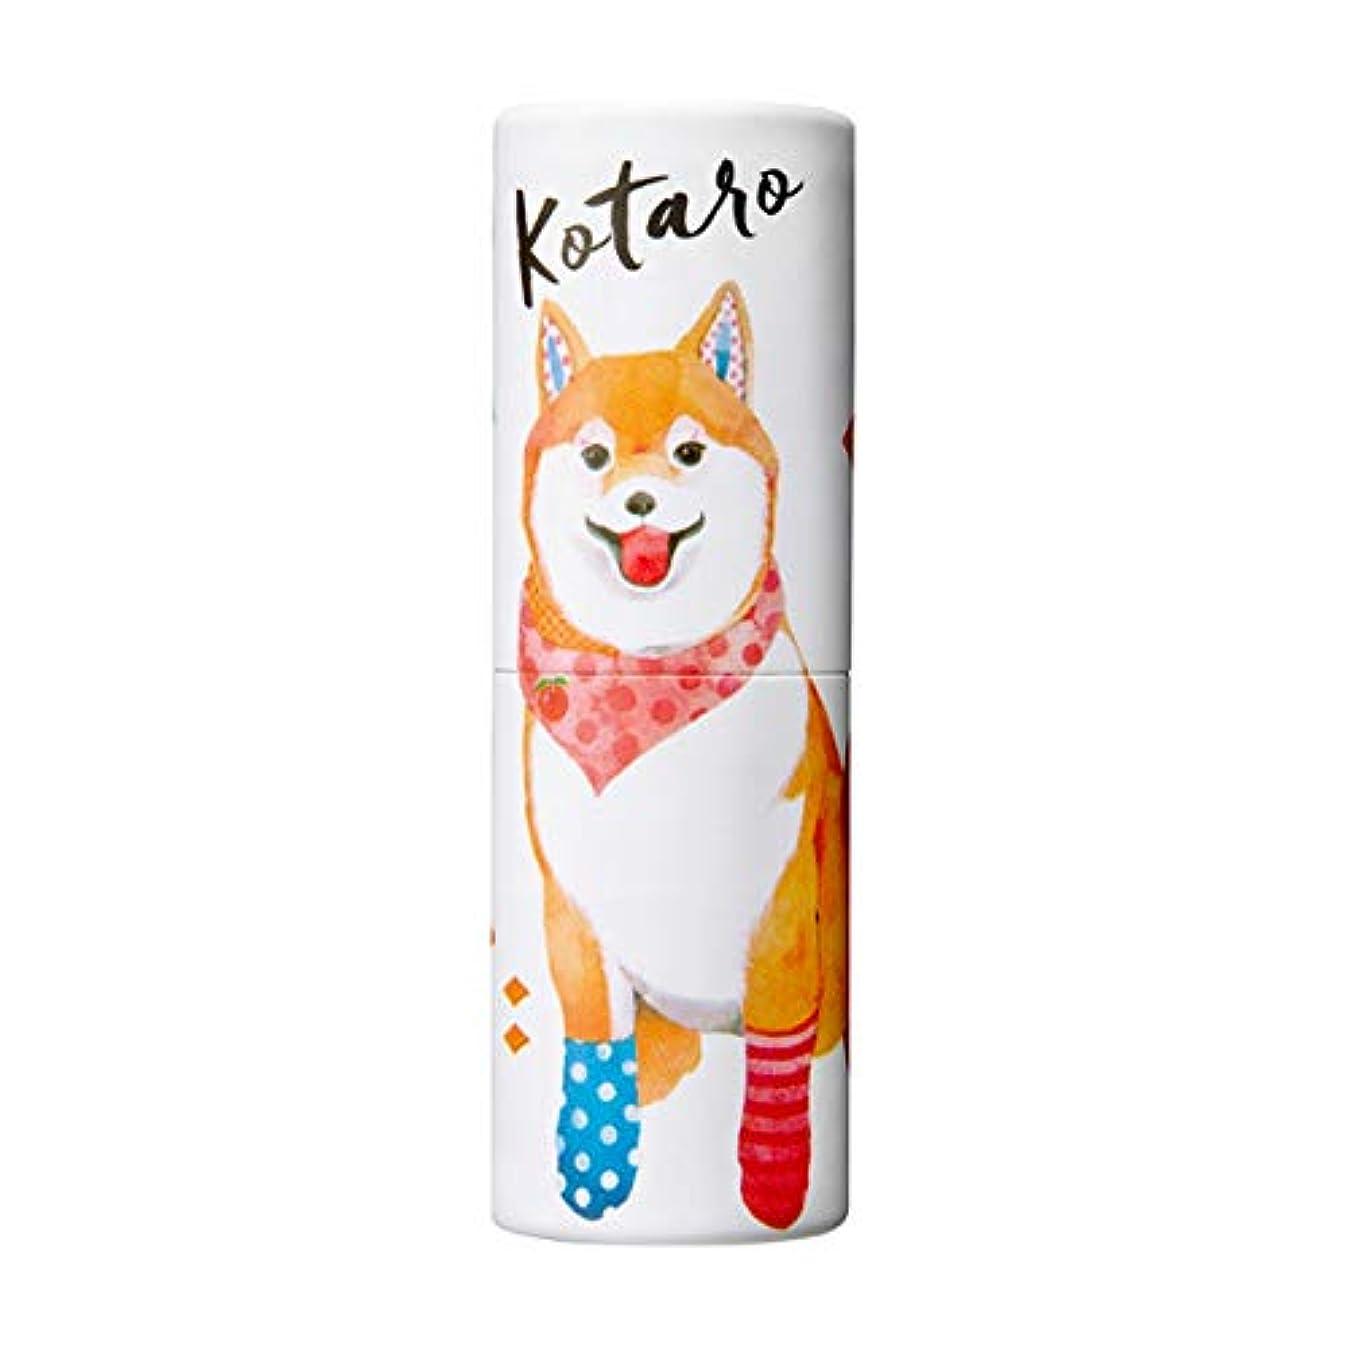 ぼろ言語学過半数ヴァシリーサ パフュームスティック コタロー 柴犬 練り香水 5g